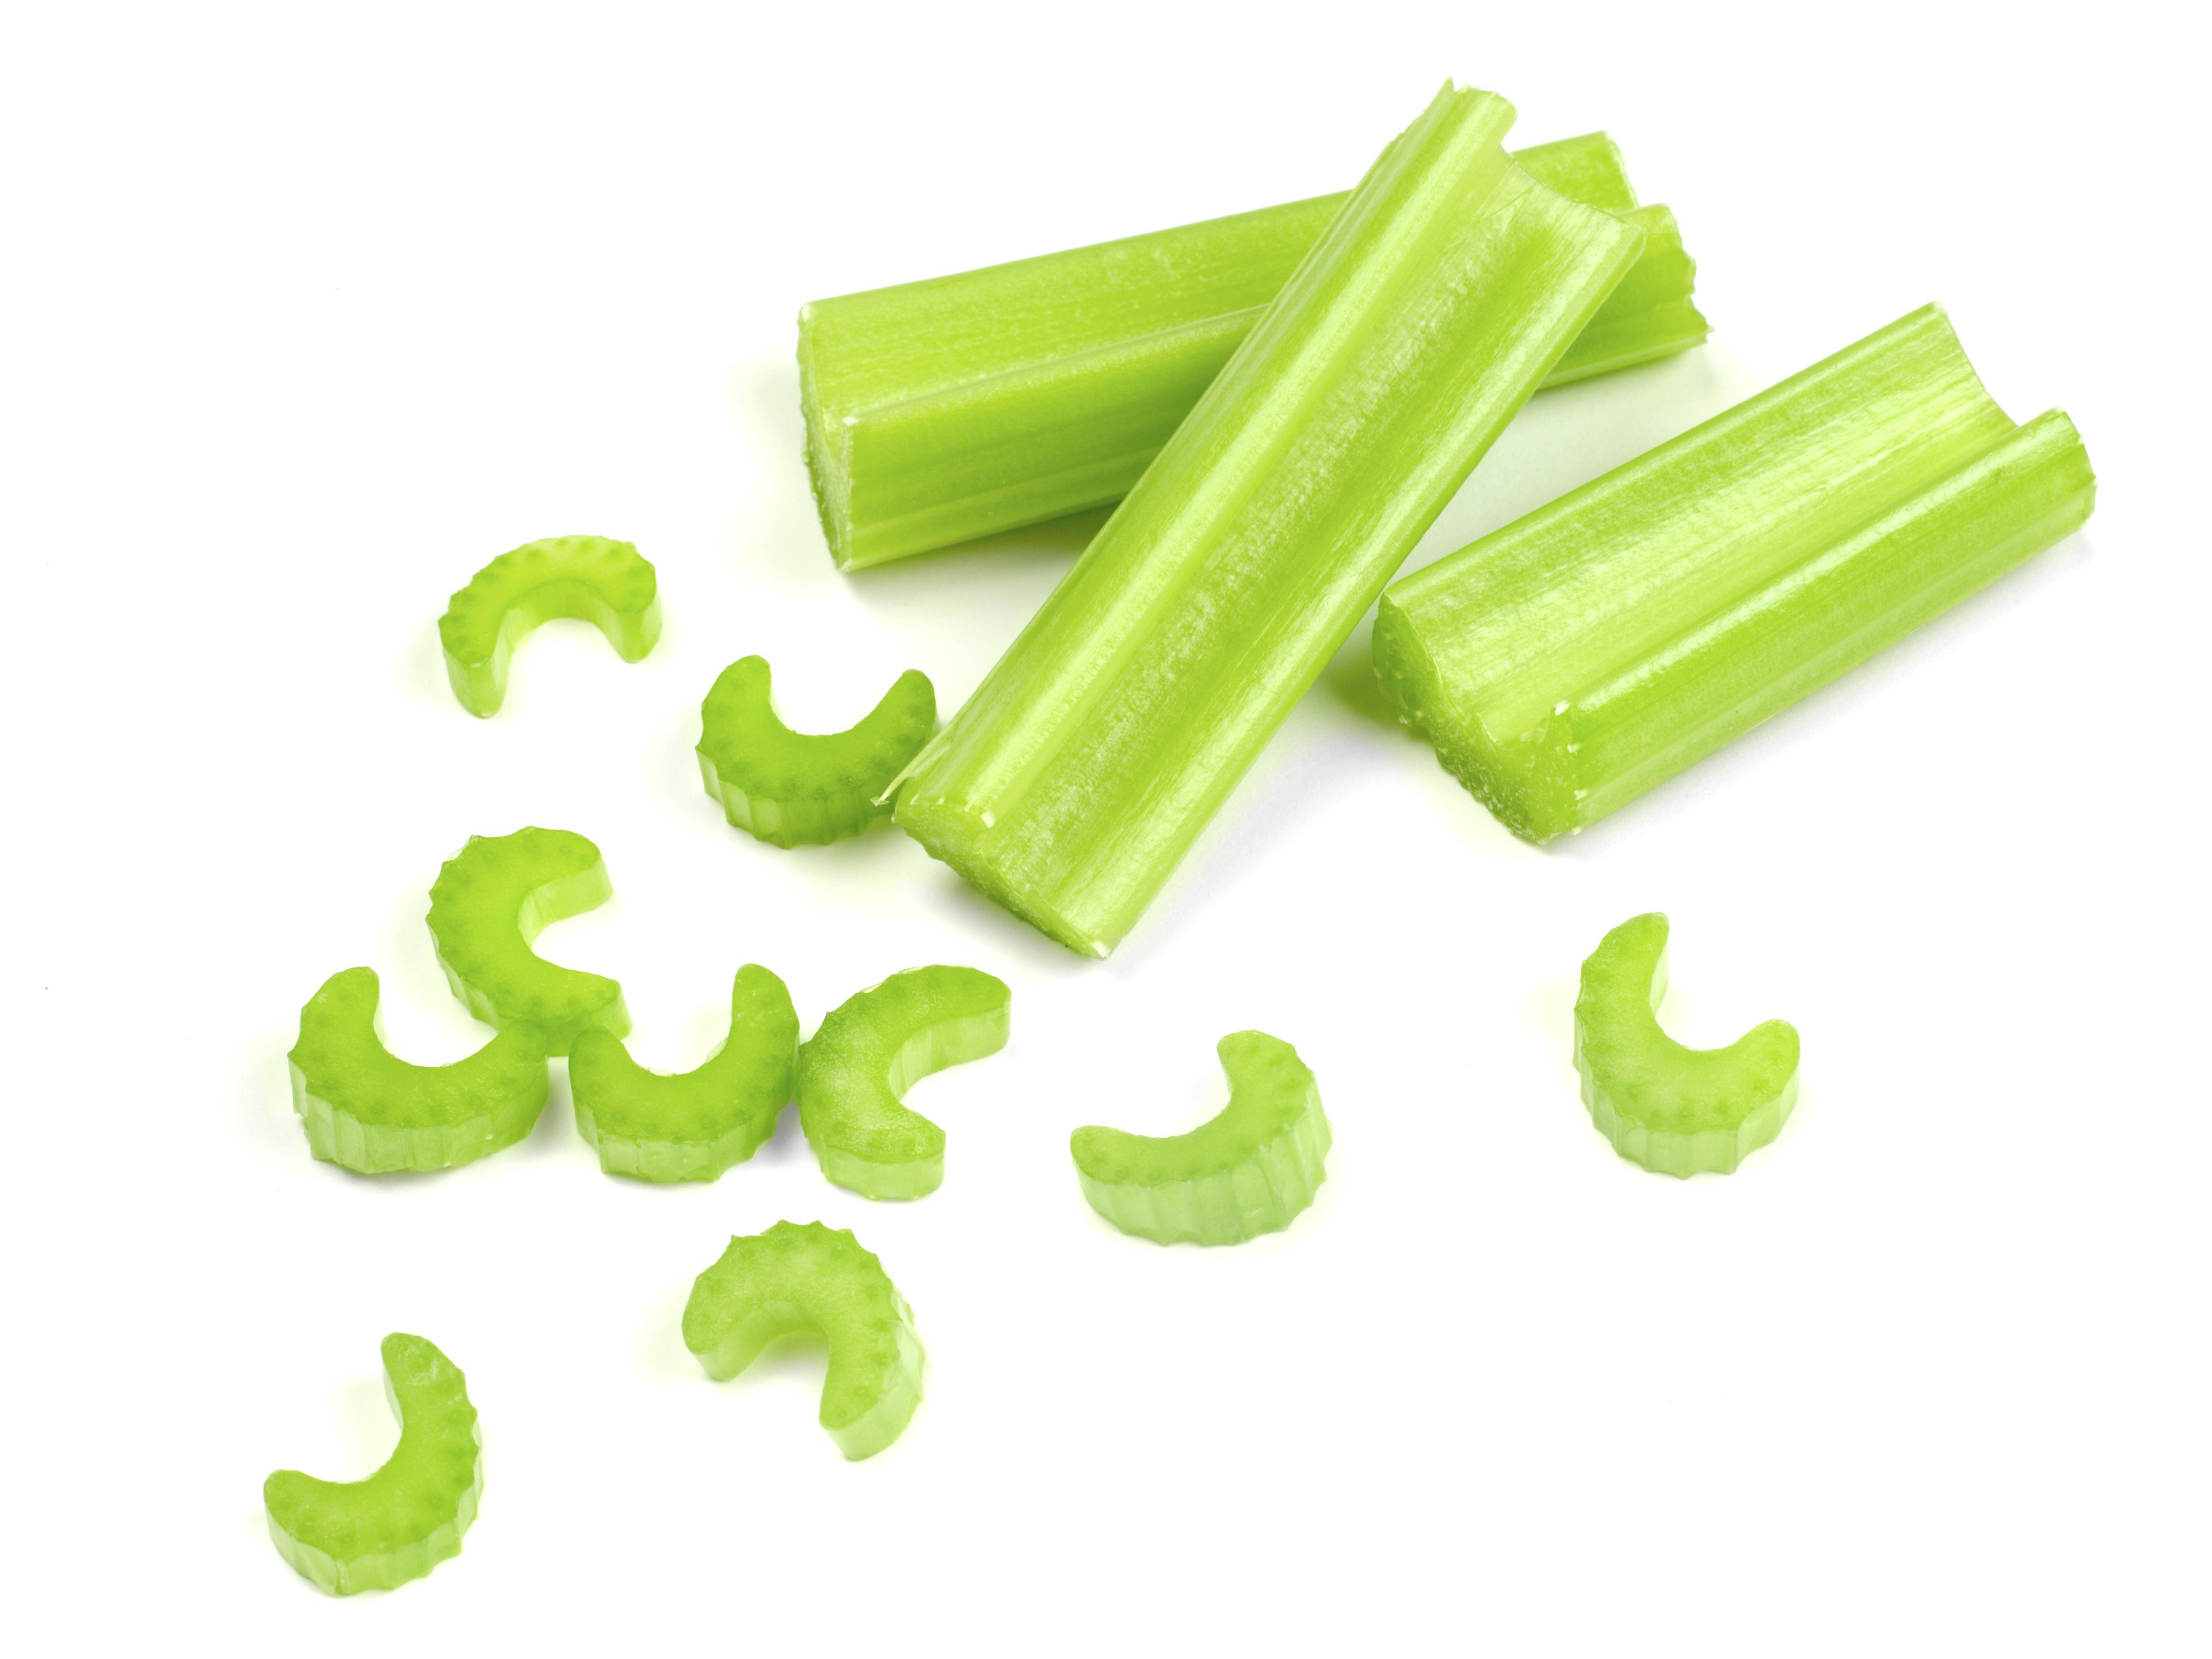 Celery Clipart Slice Celery Slice Transparent Free For Download On Webstockreview 2020